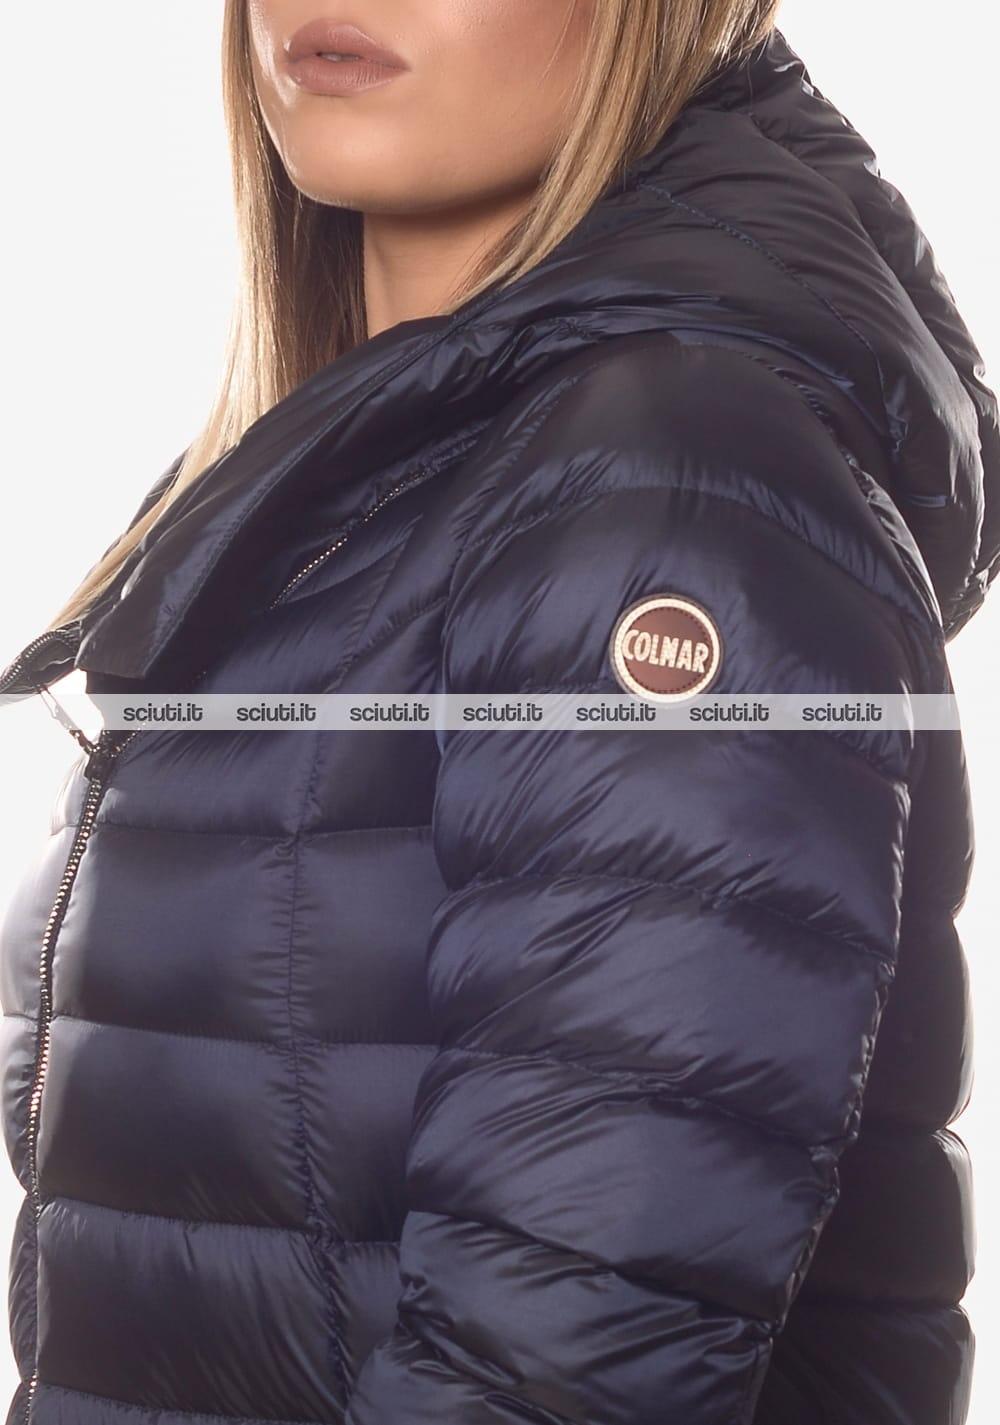 online store 9e92f dd6d6 Piumino Colmar donna pesante asimmetrico con cappuccio blu